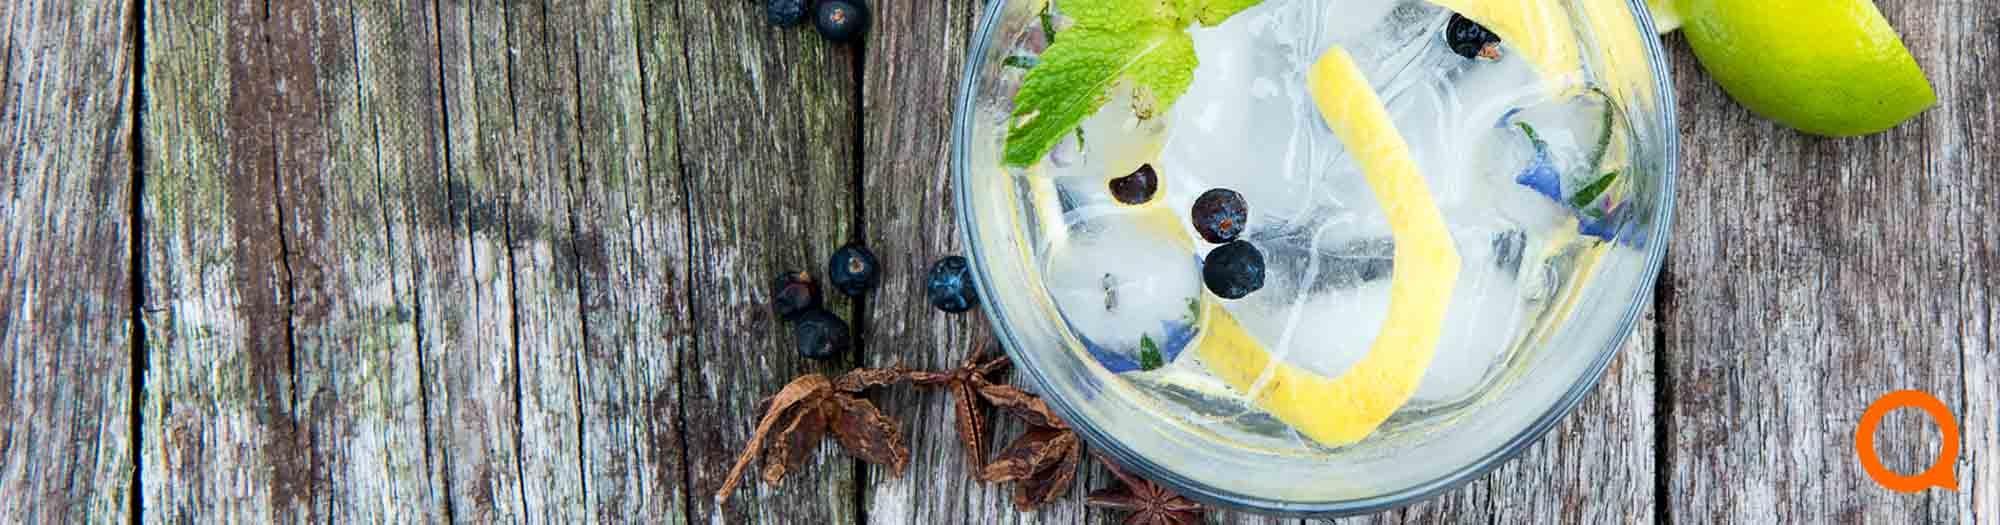 Gin tonic pakketten